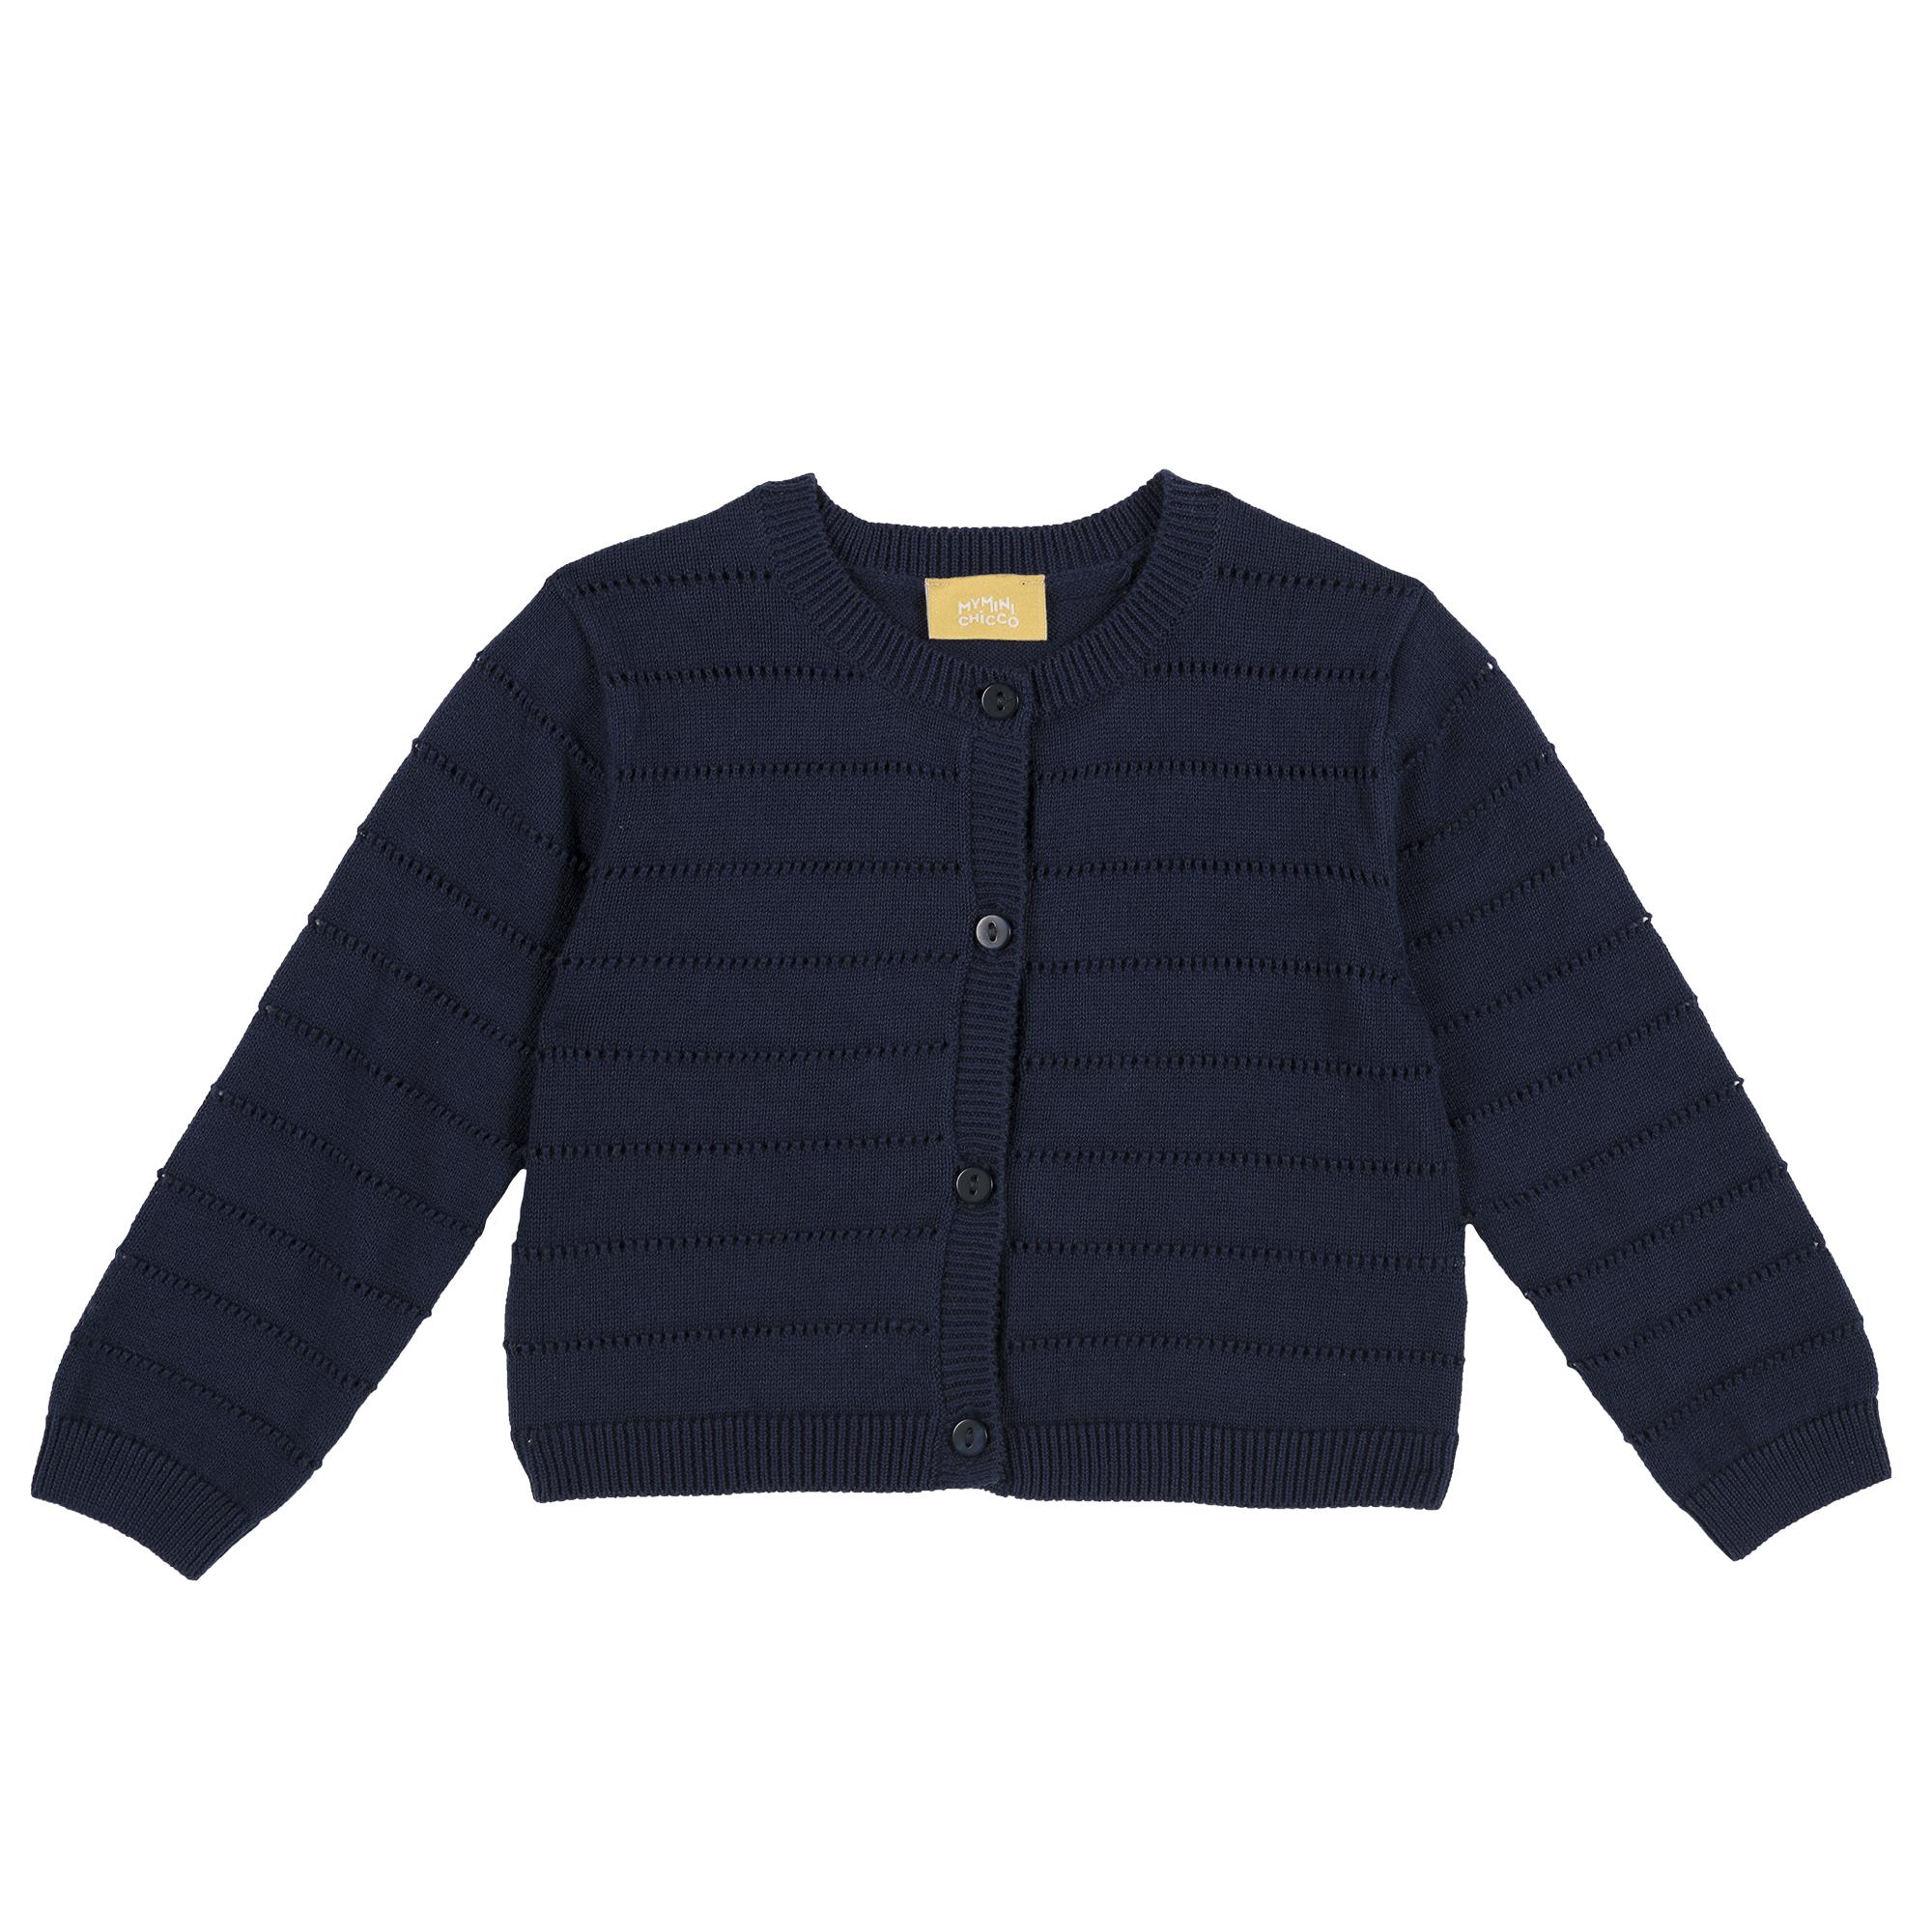 Cardigan copii Chicco, maneca lunga, albastru inchis, 96811